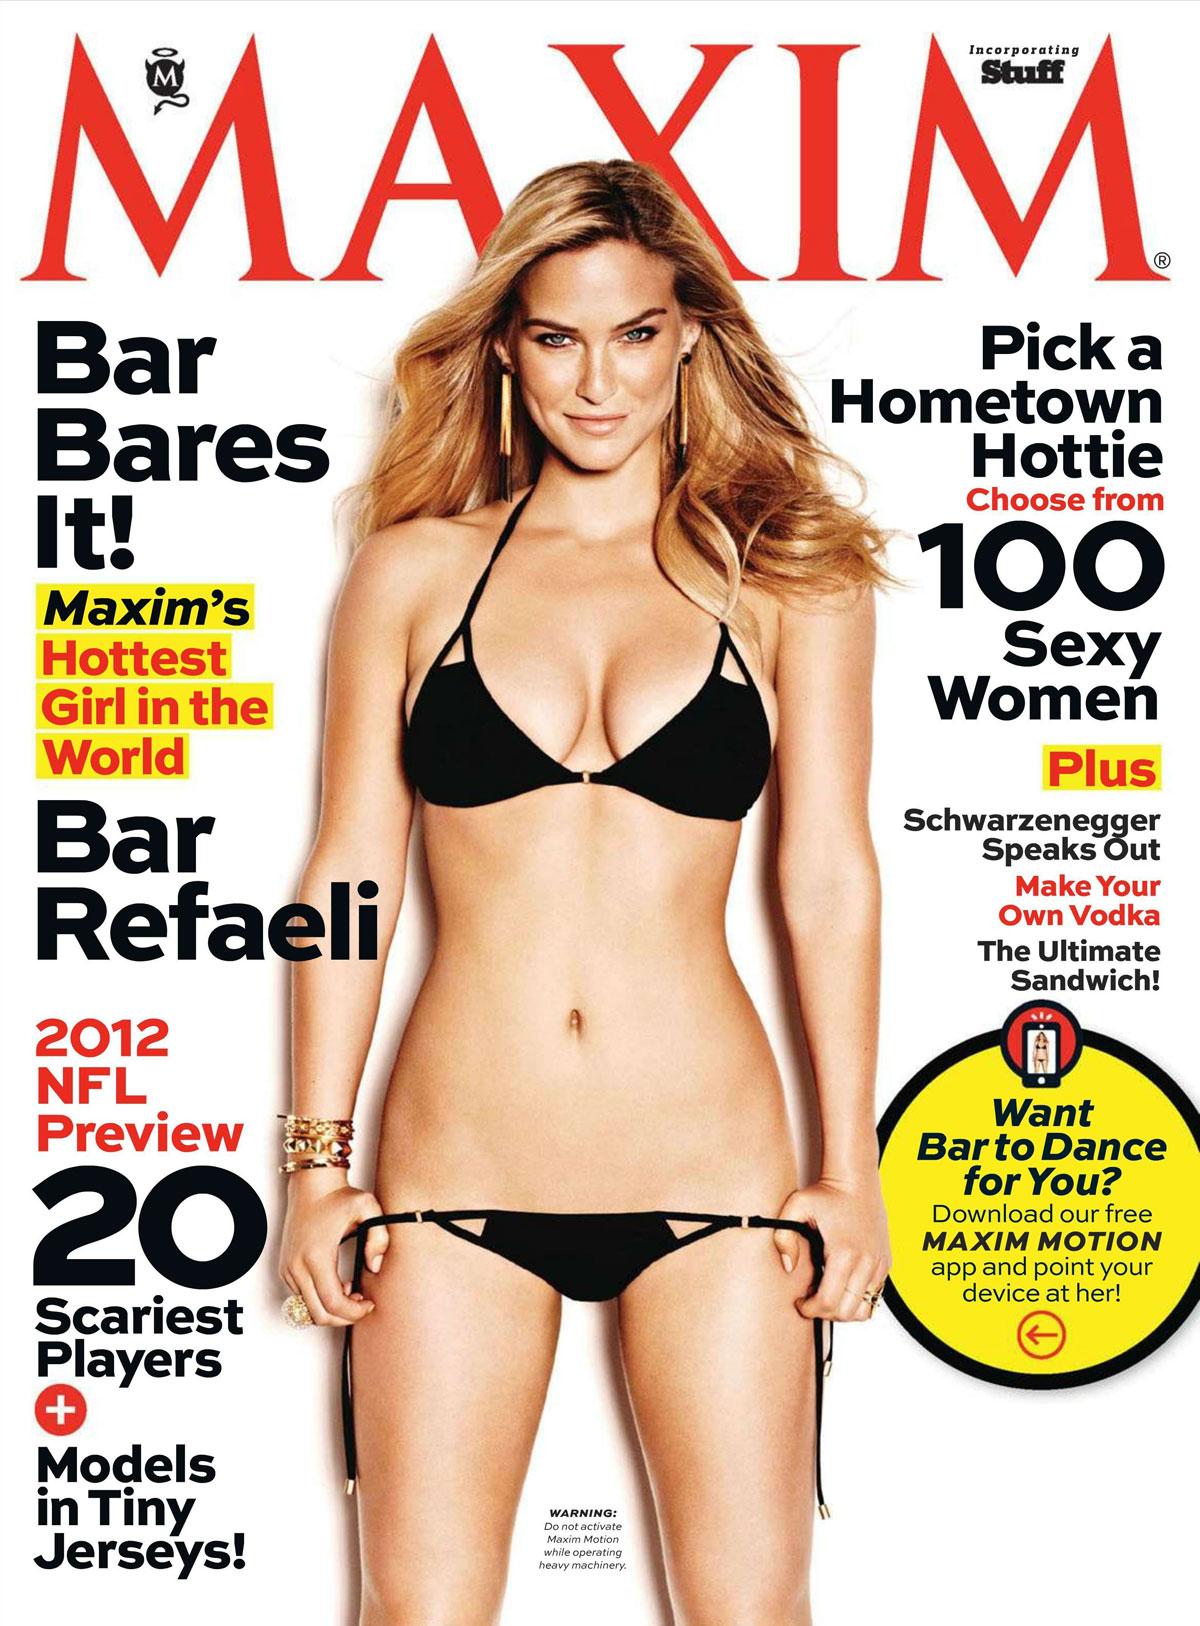 bar refaeli in maxim magazine september 2012 issue